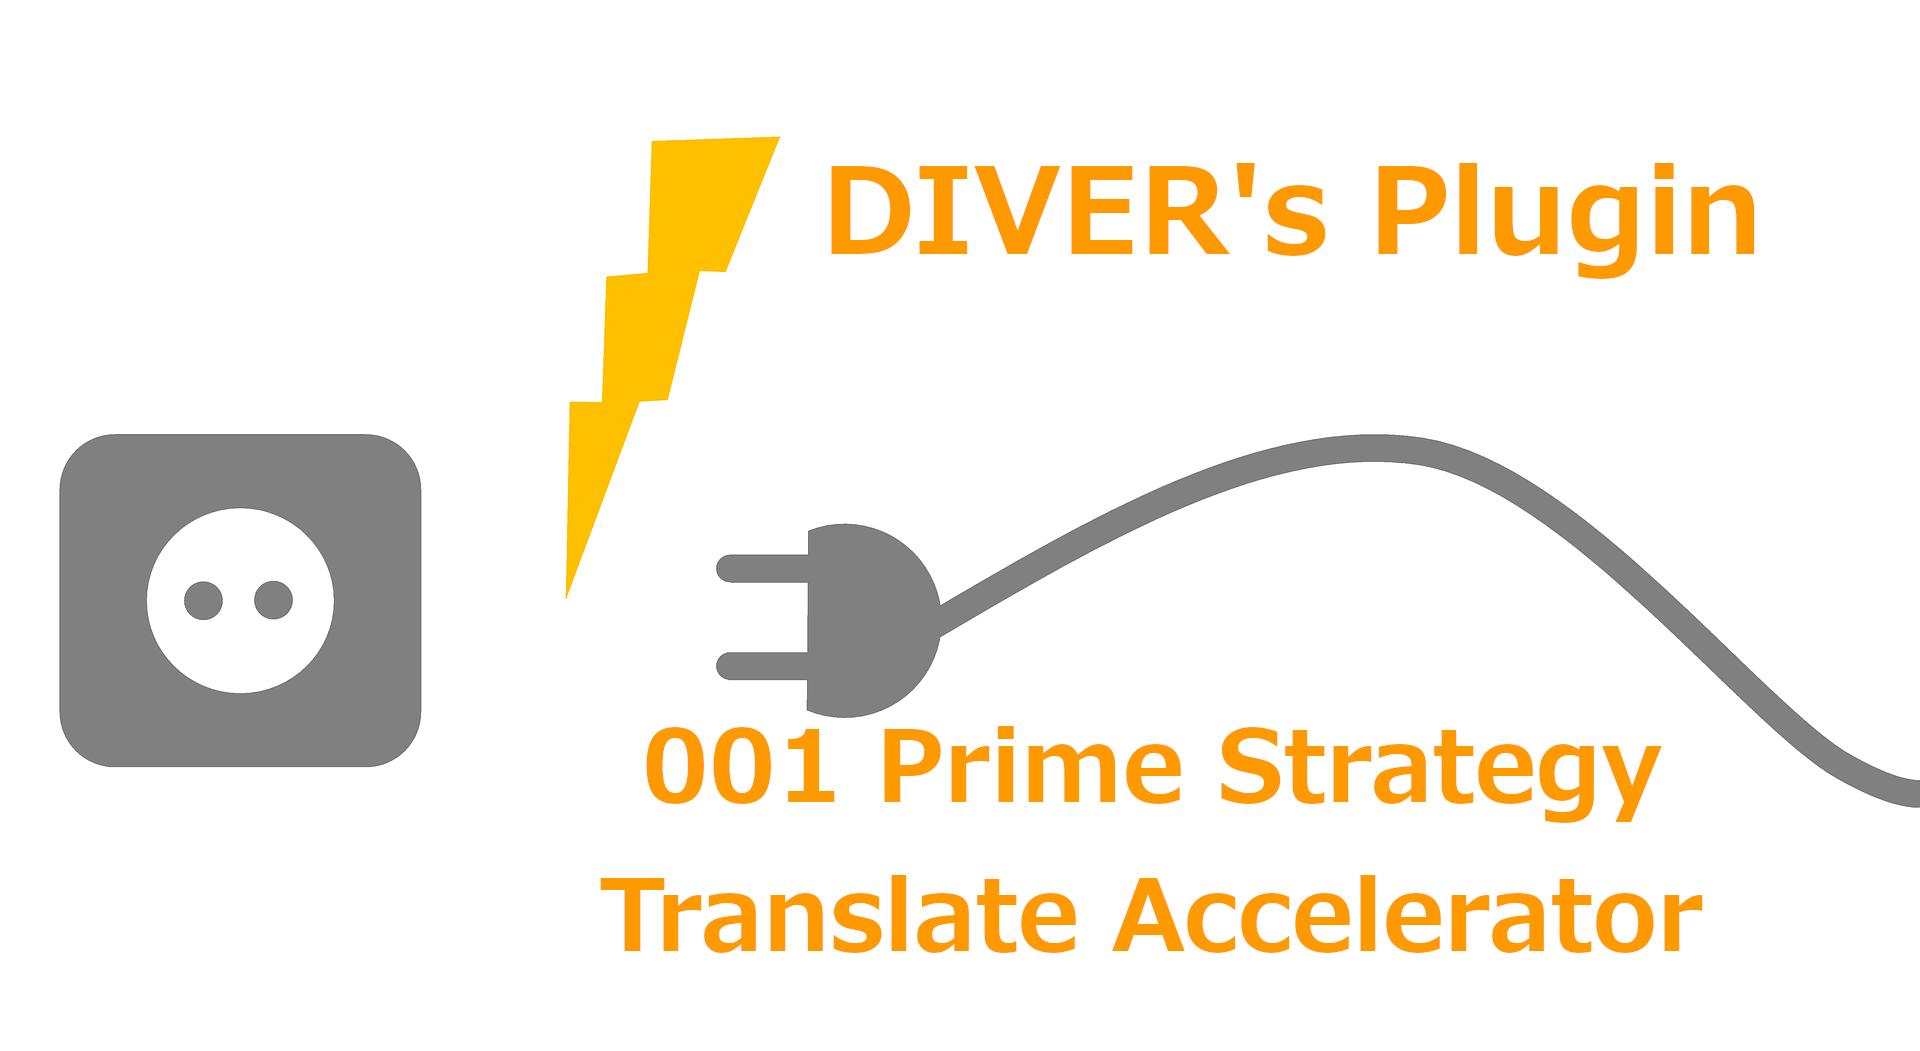 トランスレイト・アクセラレーターで翻訳キャッシュを高速化